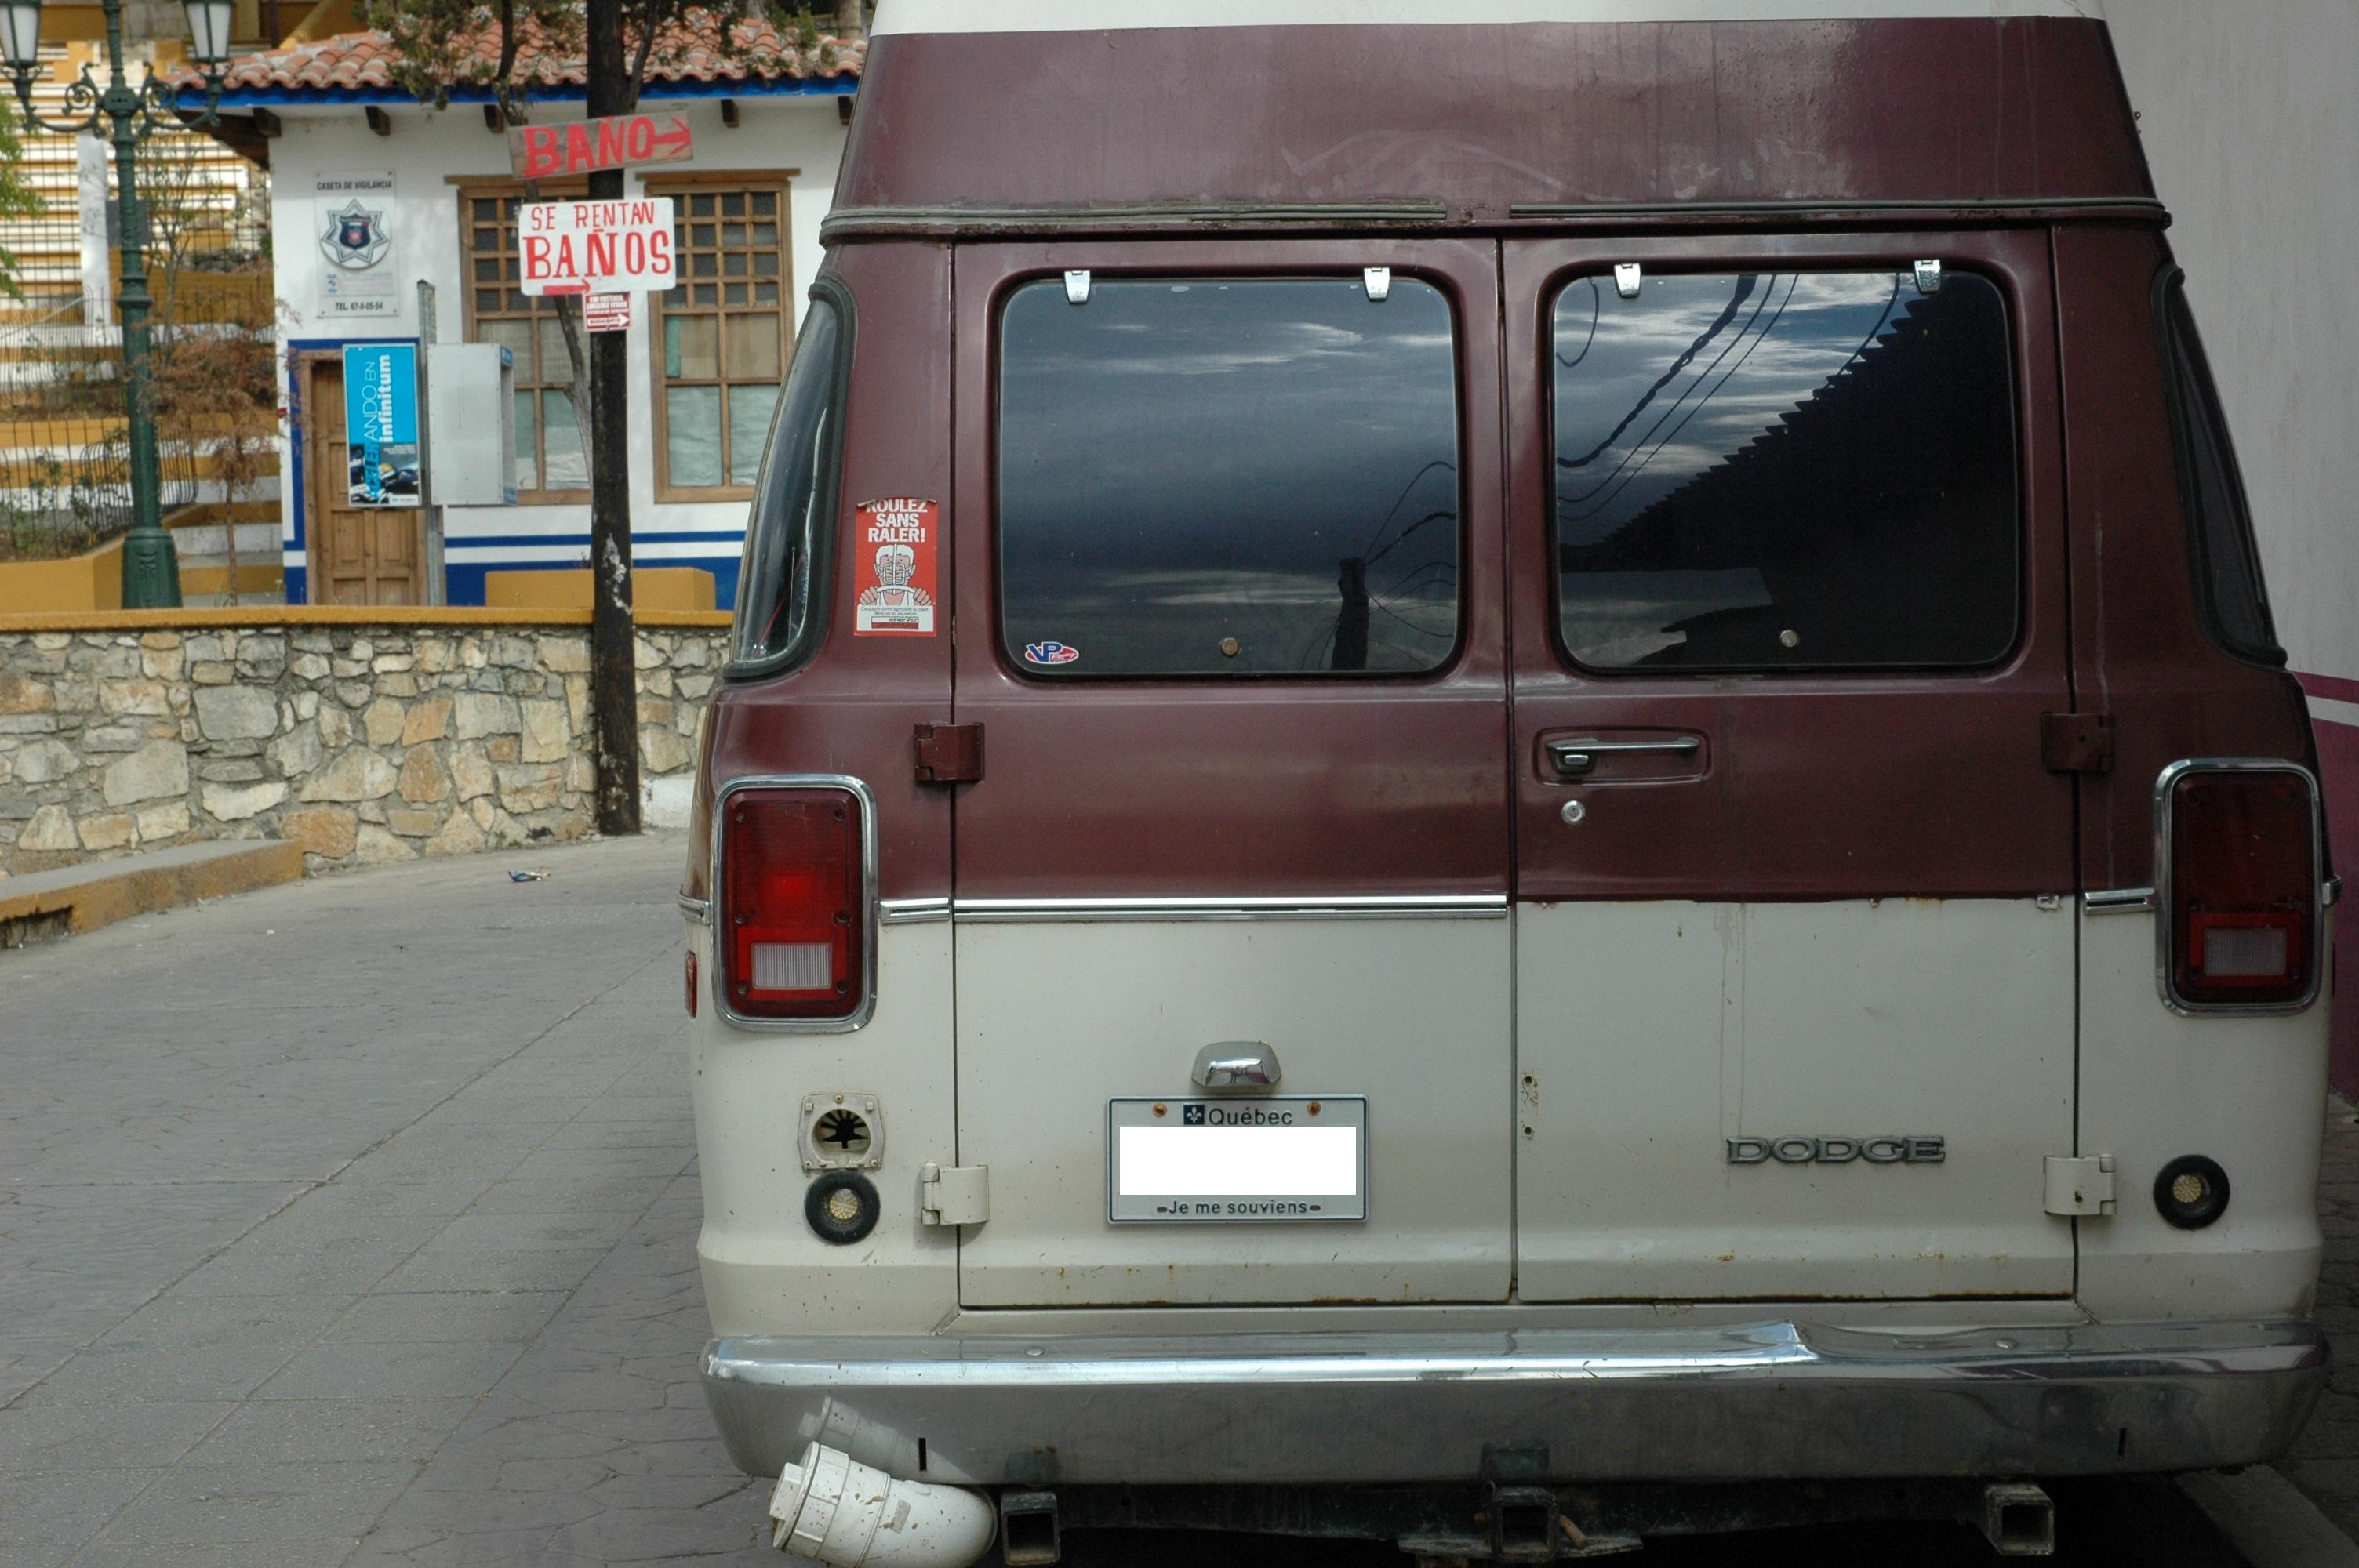 Quebec Van in San Cristobal de Las Casas, Chiapas, Mexico